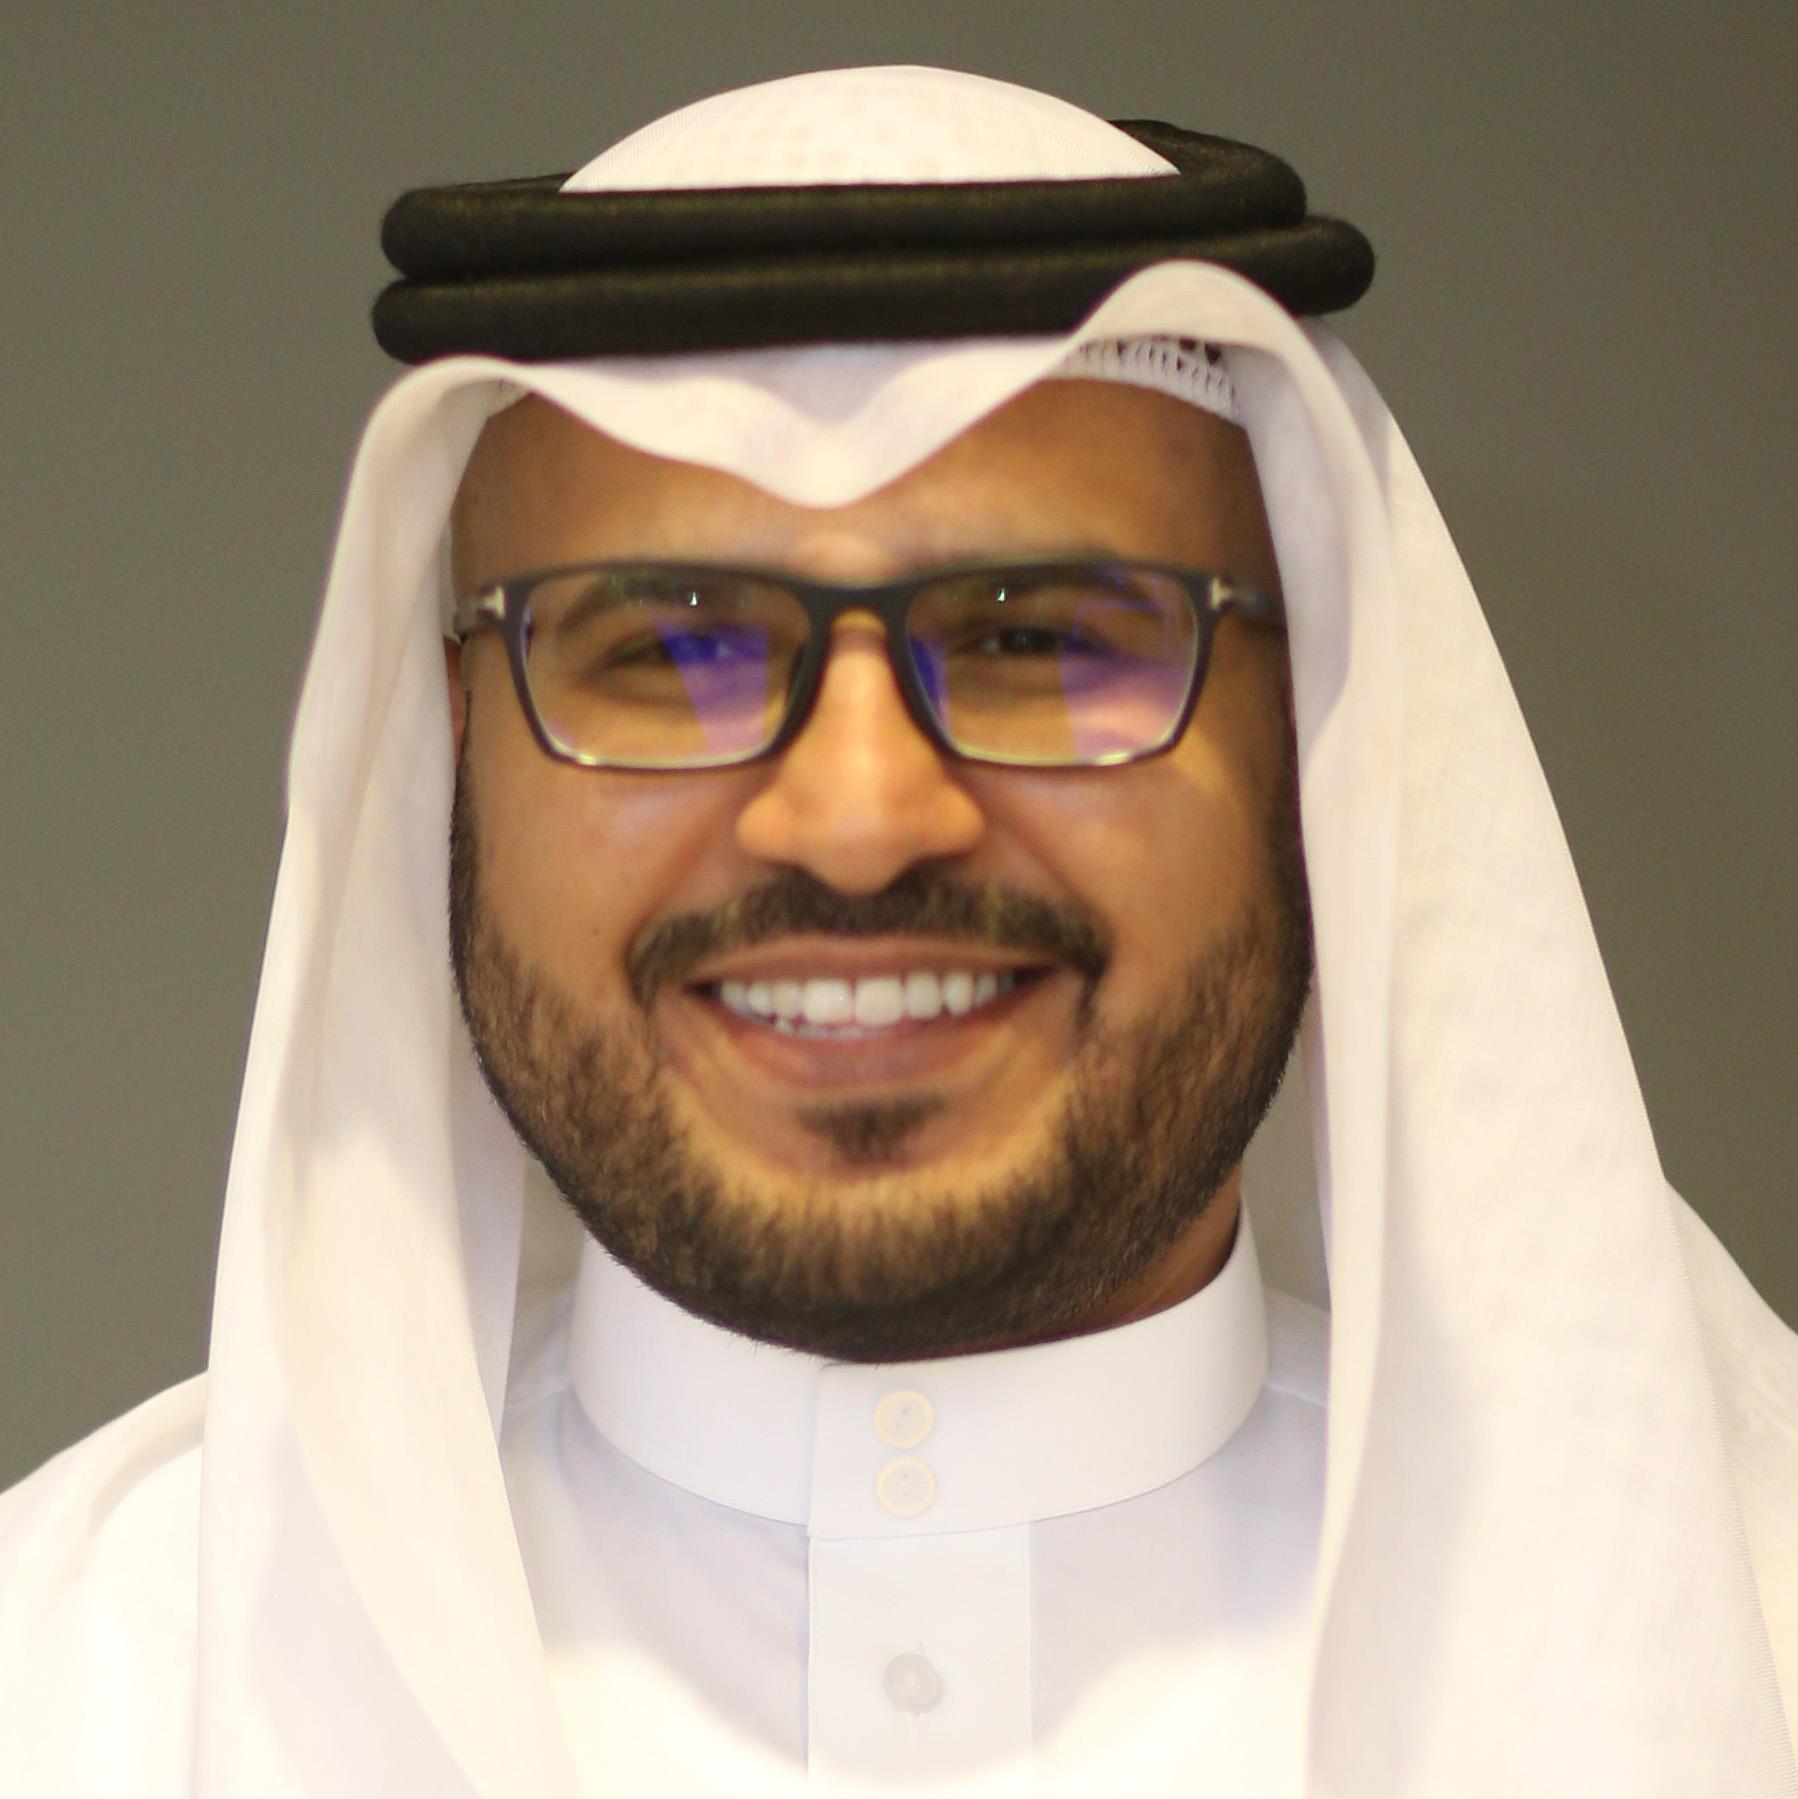 Fahad Alajlan